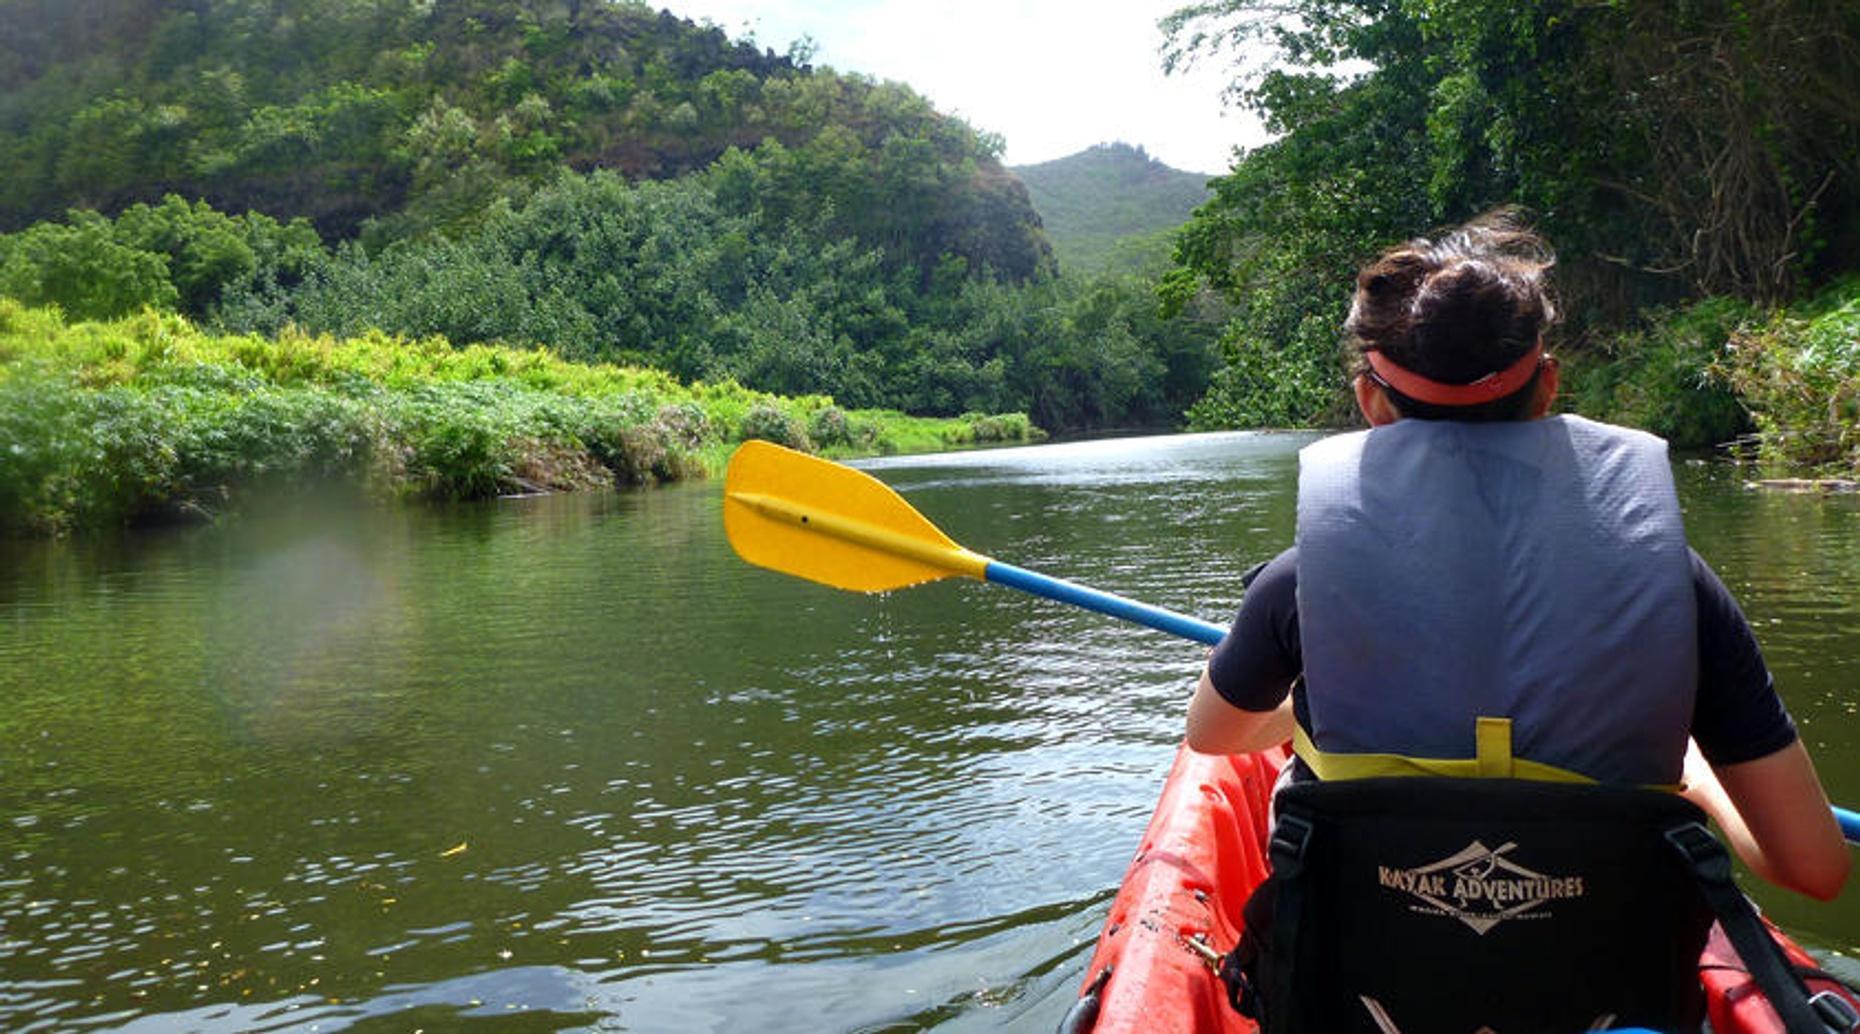 Mississippi River Flooded Forest Kayaking Adventure